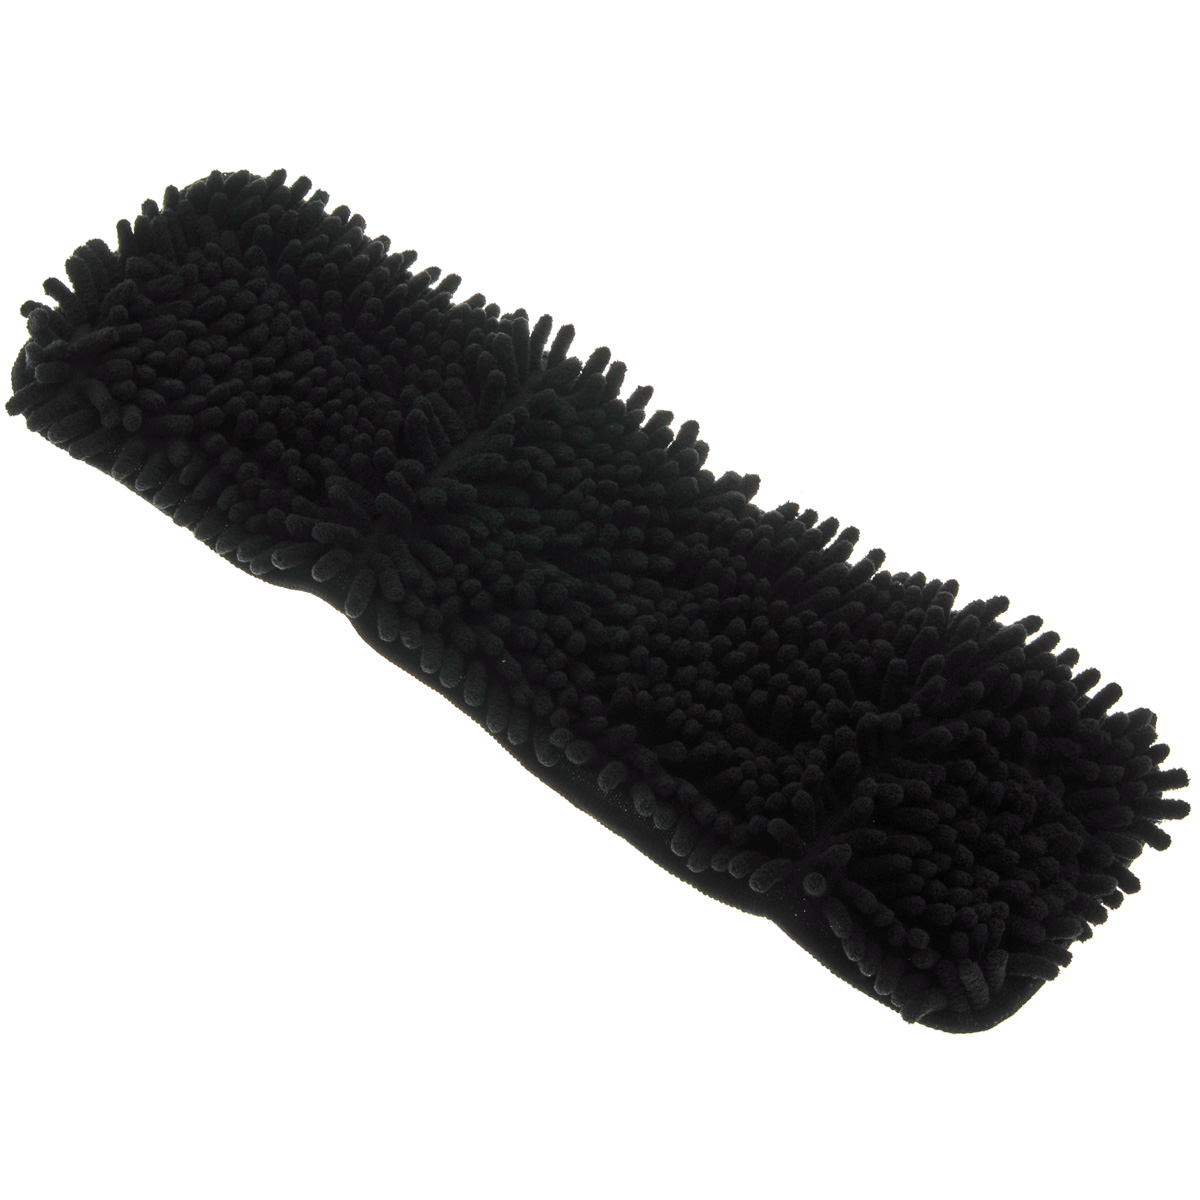 Насадка для швабры-полотера Libman, цвет: черный, 40 х 14 см01011Насадка для швабры-полотера Libman прекрасно моет и полирует различные напольные покрытия: дерево и ламинат, винил, кафельную плитку. Мягкие микрофибровые пальчики эффективно собирают пыль и аллергены. Подходит для сухой и влажной уборки. Задняя сторона насадки на липучке, поэтому она легко крепится к швабре-полотеру. Размер насадки: 40 см х 14 см.